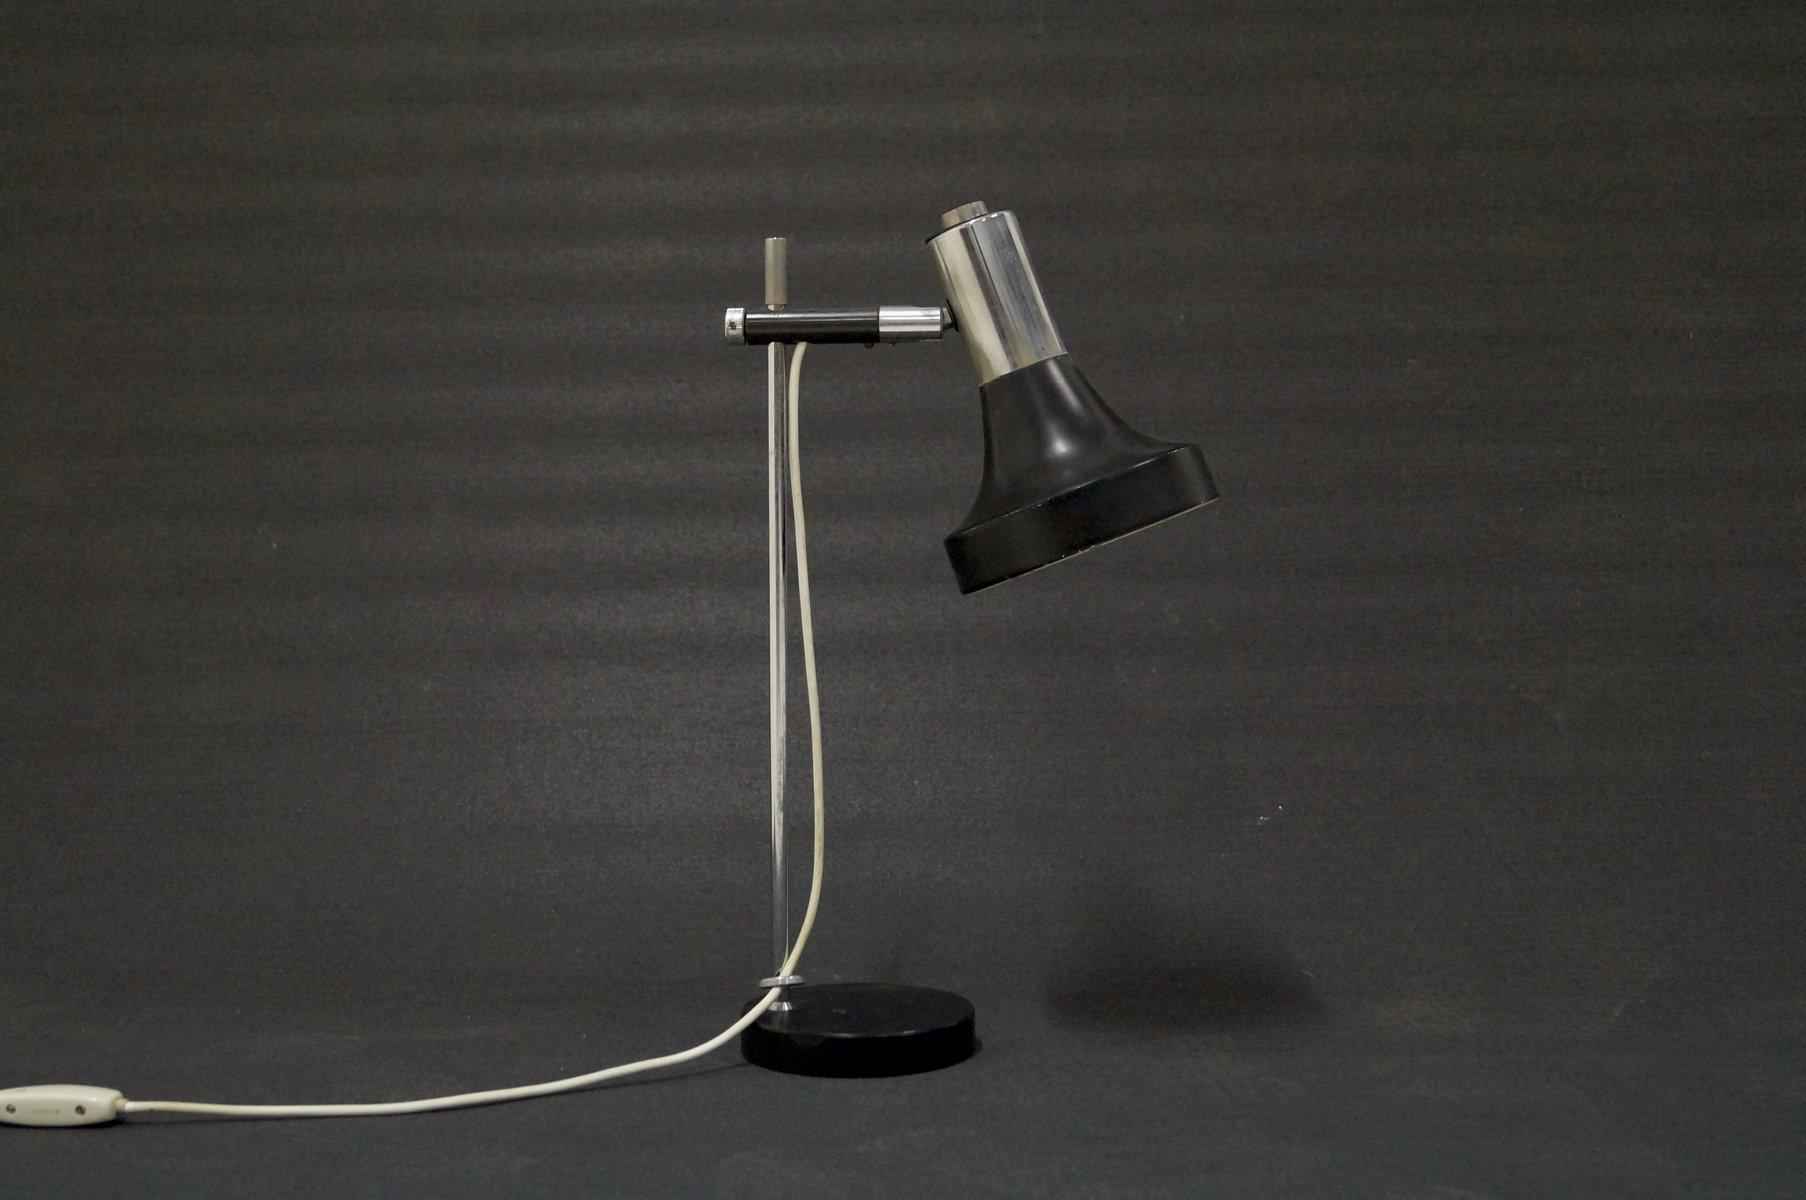 Verstellbare industrielle Schreibtischlampe aus Chrom & Metall, 1960er